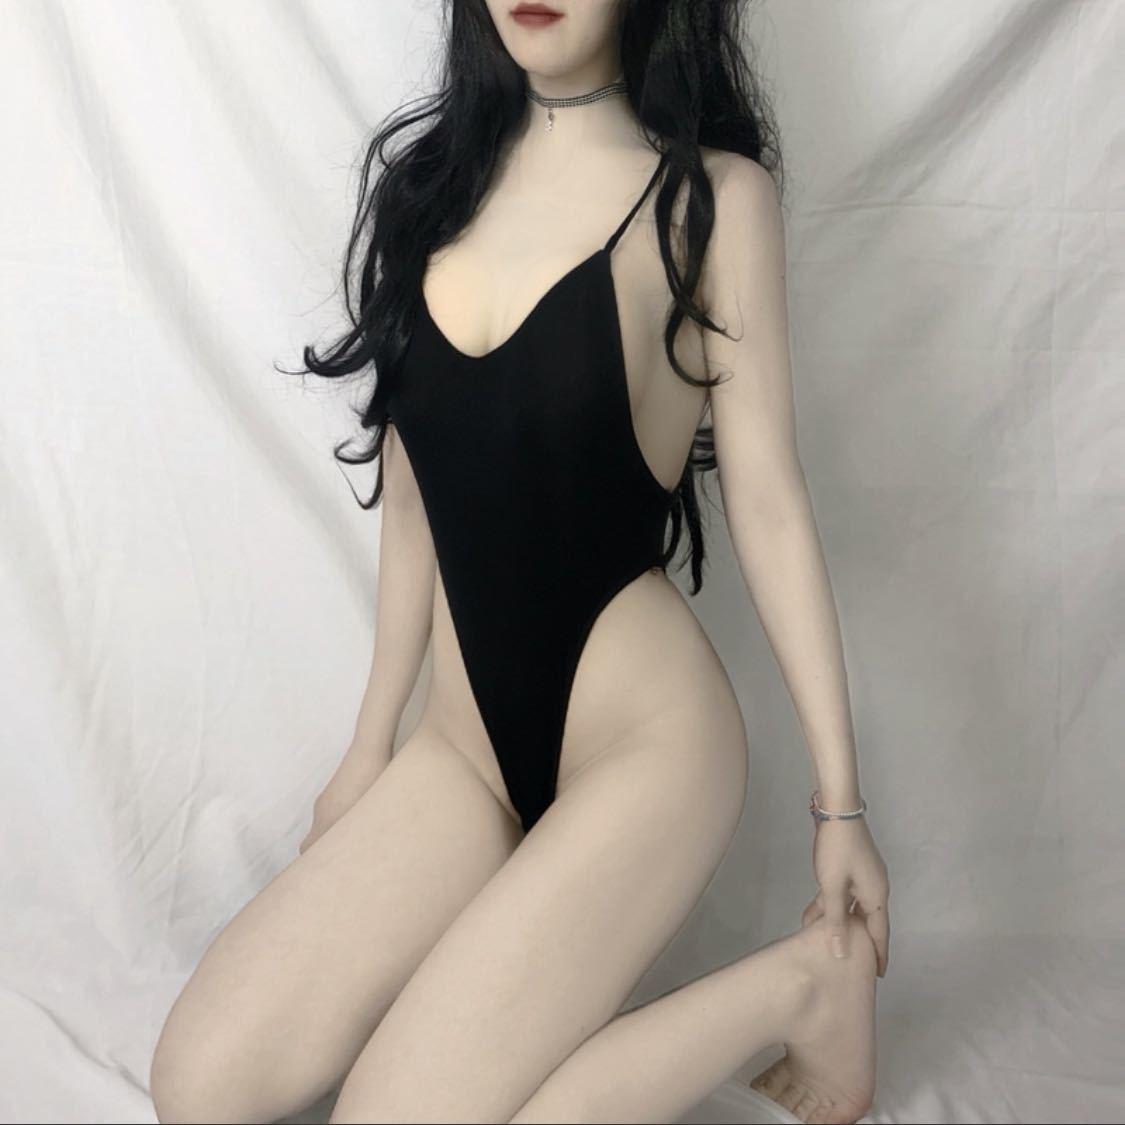 セクシーランジェリー 美尻 美脚 伸縮性 過激な大胆誘惑オープンクロッチ 女子用コスプレ